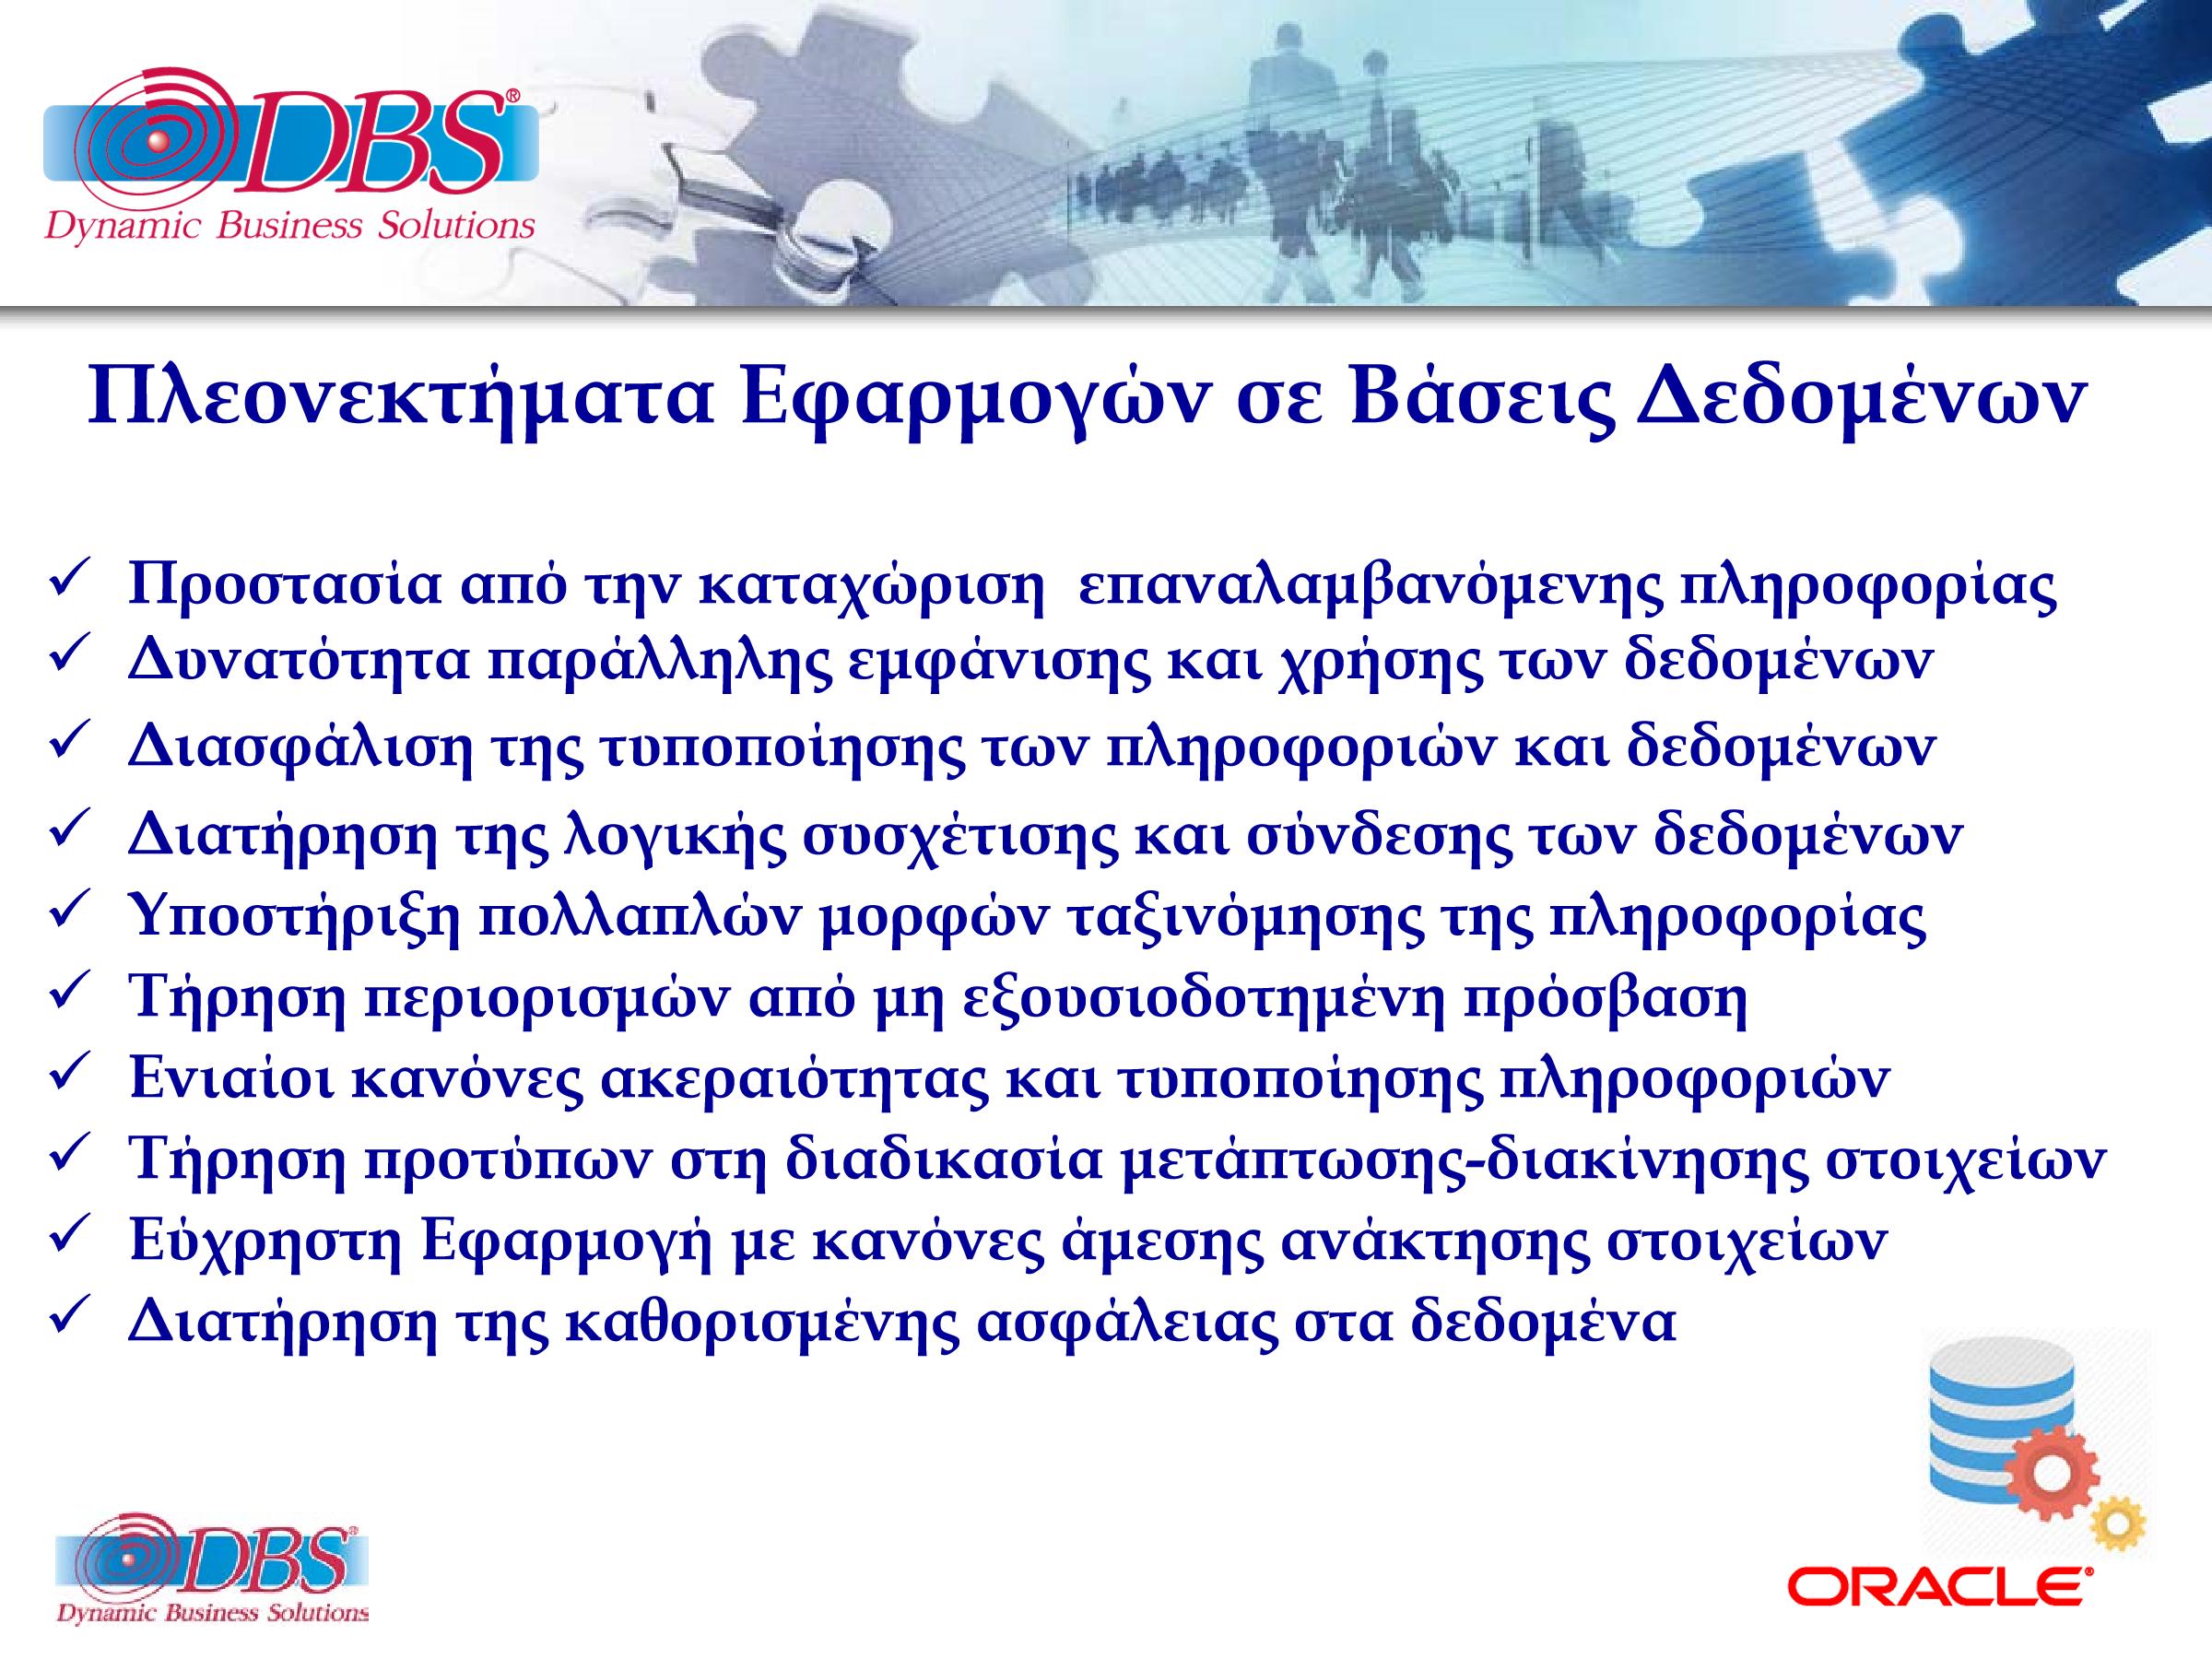 DBSDEMO2019_COMPANY_SERVICES_V18_R12-EL-23